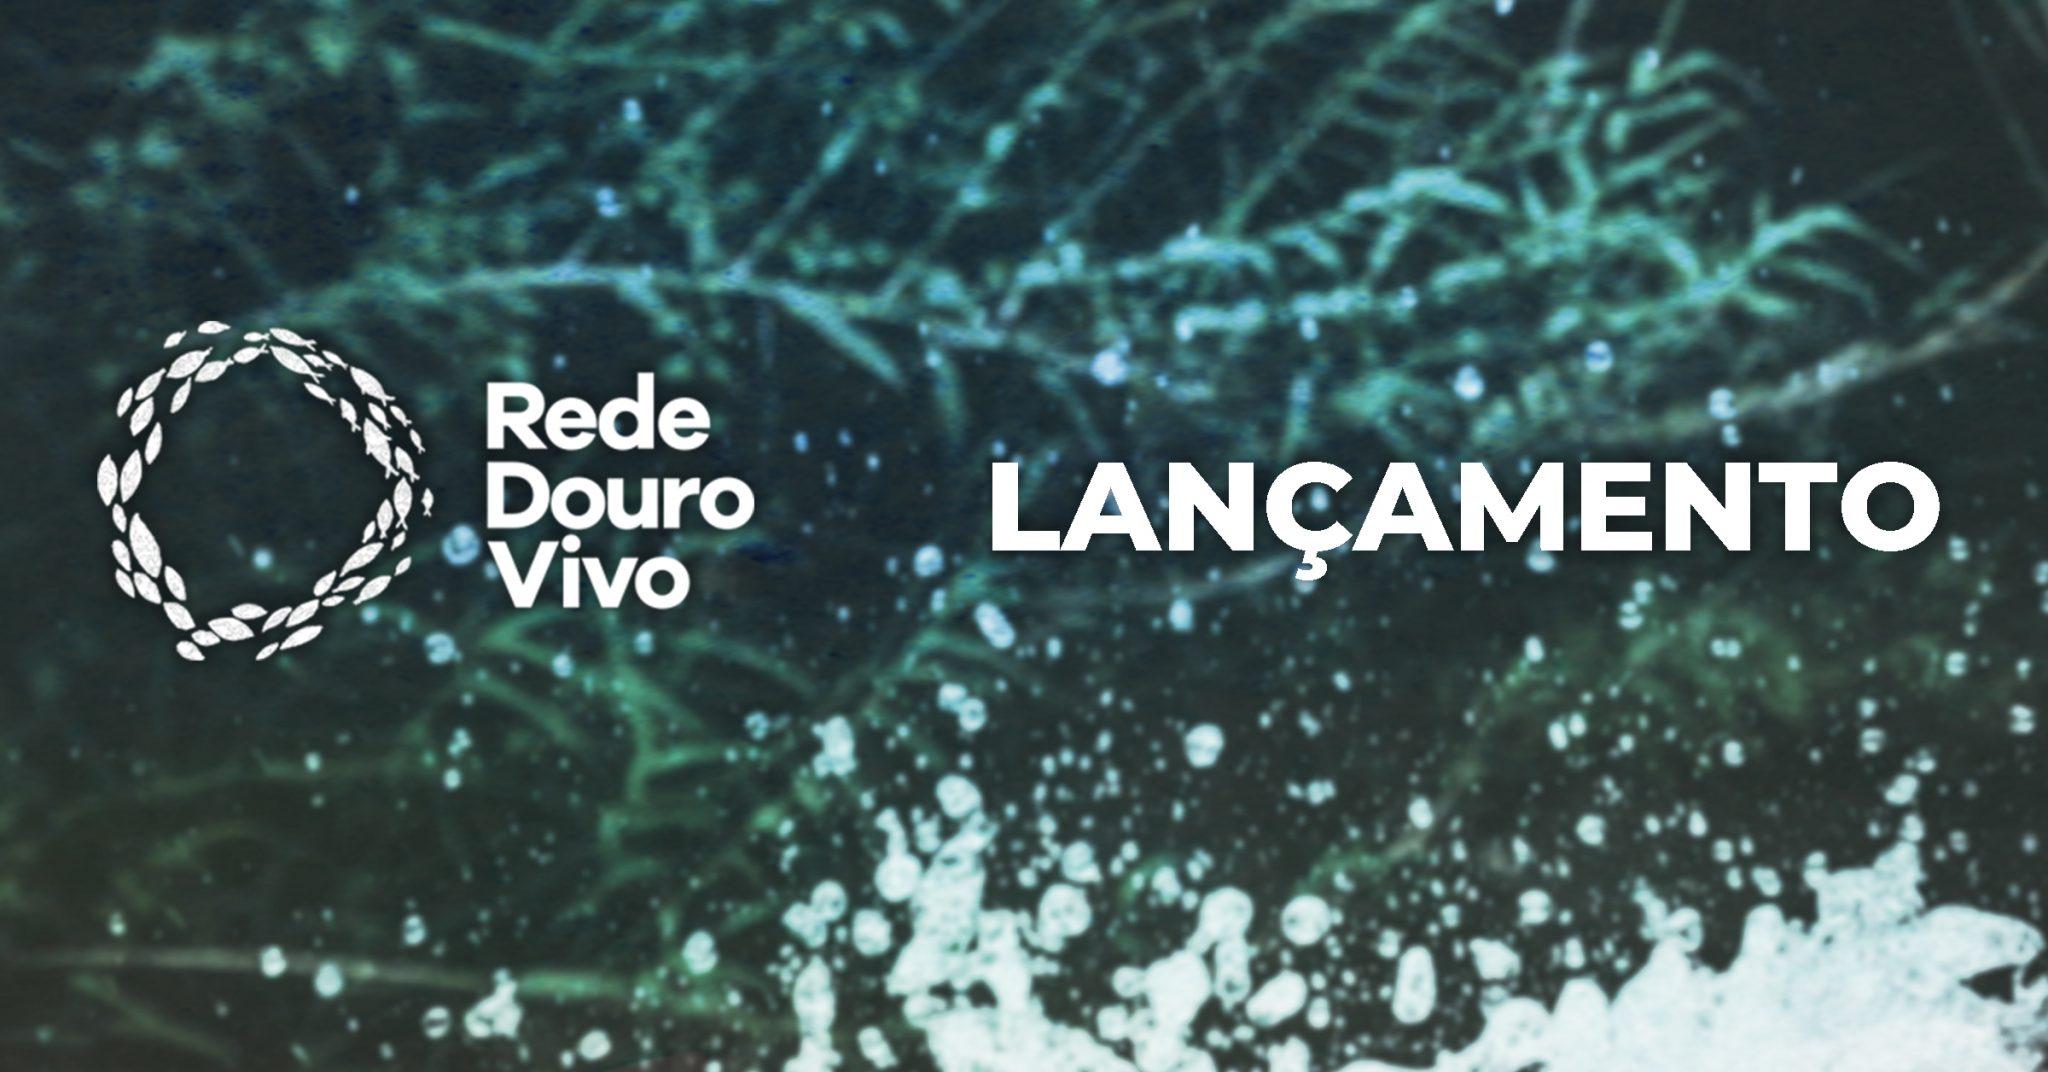 O nosso novo projeto: Rede Douro Vivo